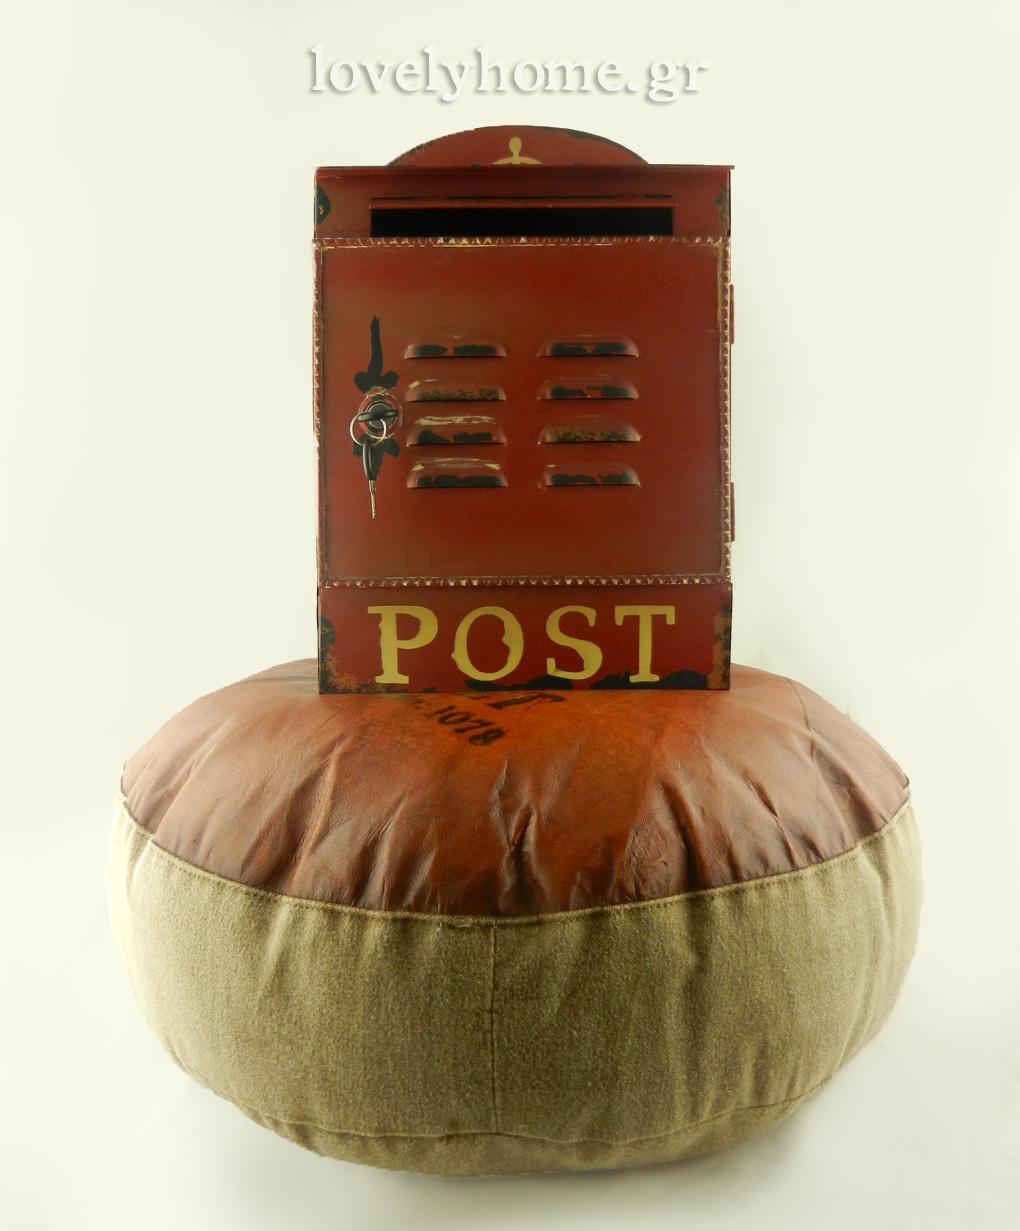 Ιδέες και προτάσεις για χριστουγεννιάτικα δώρα, δερμάτινο πουφ και μεταλλικό vintage γραμματοκιβώτιο